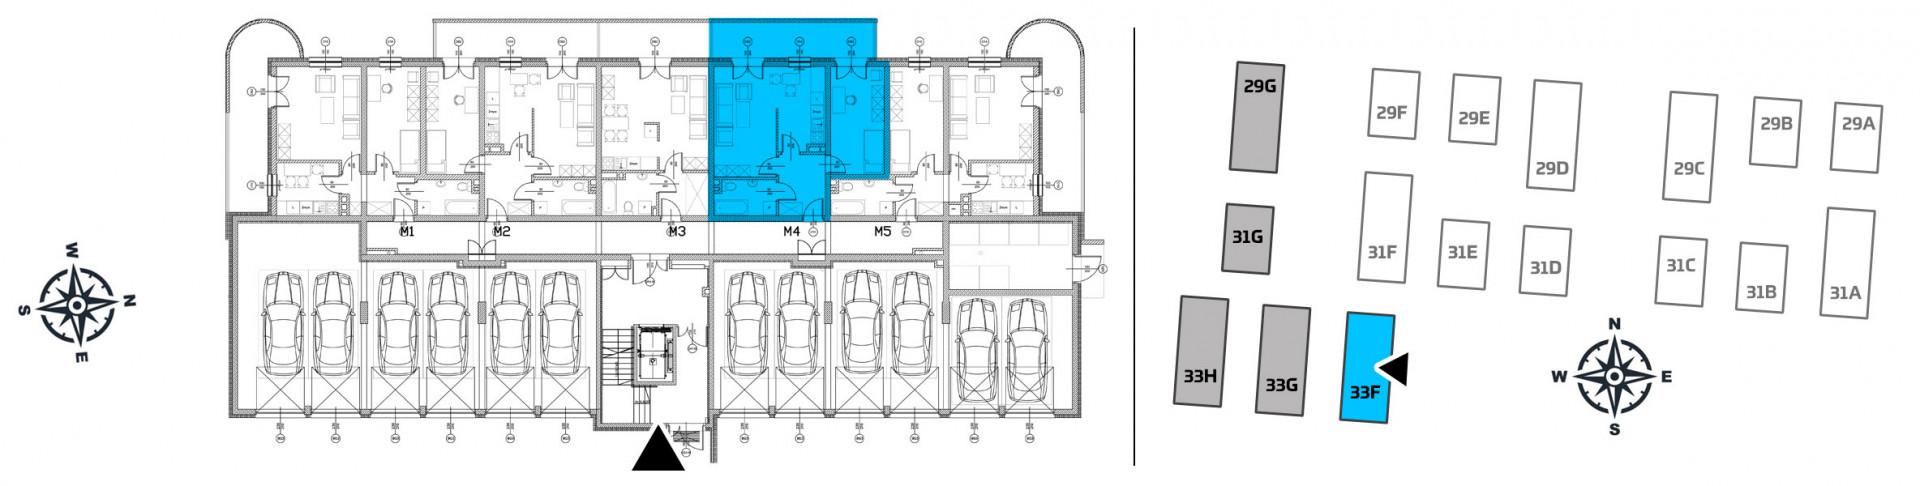 Mieszkanie dwupokojowe 33F/4 rzut 2